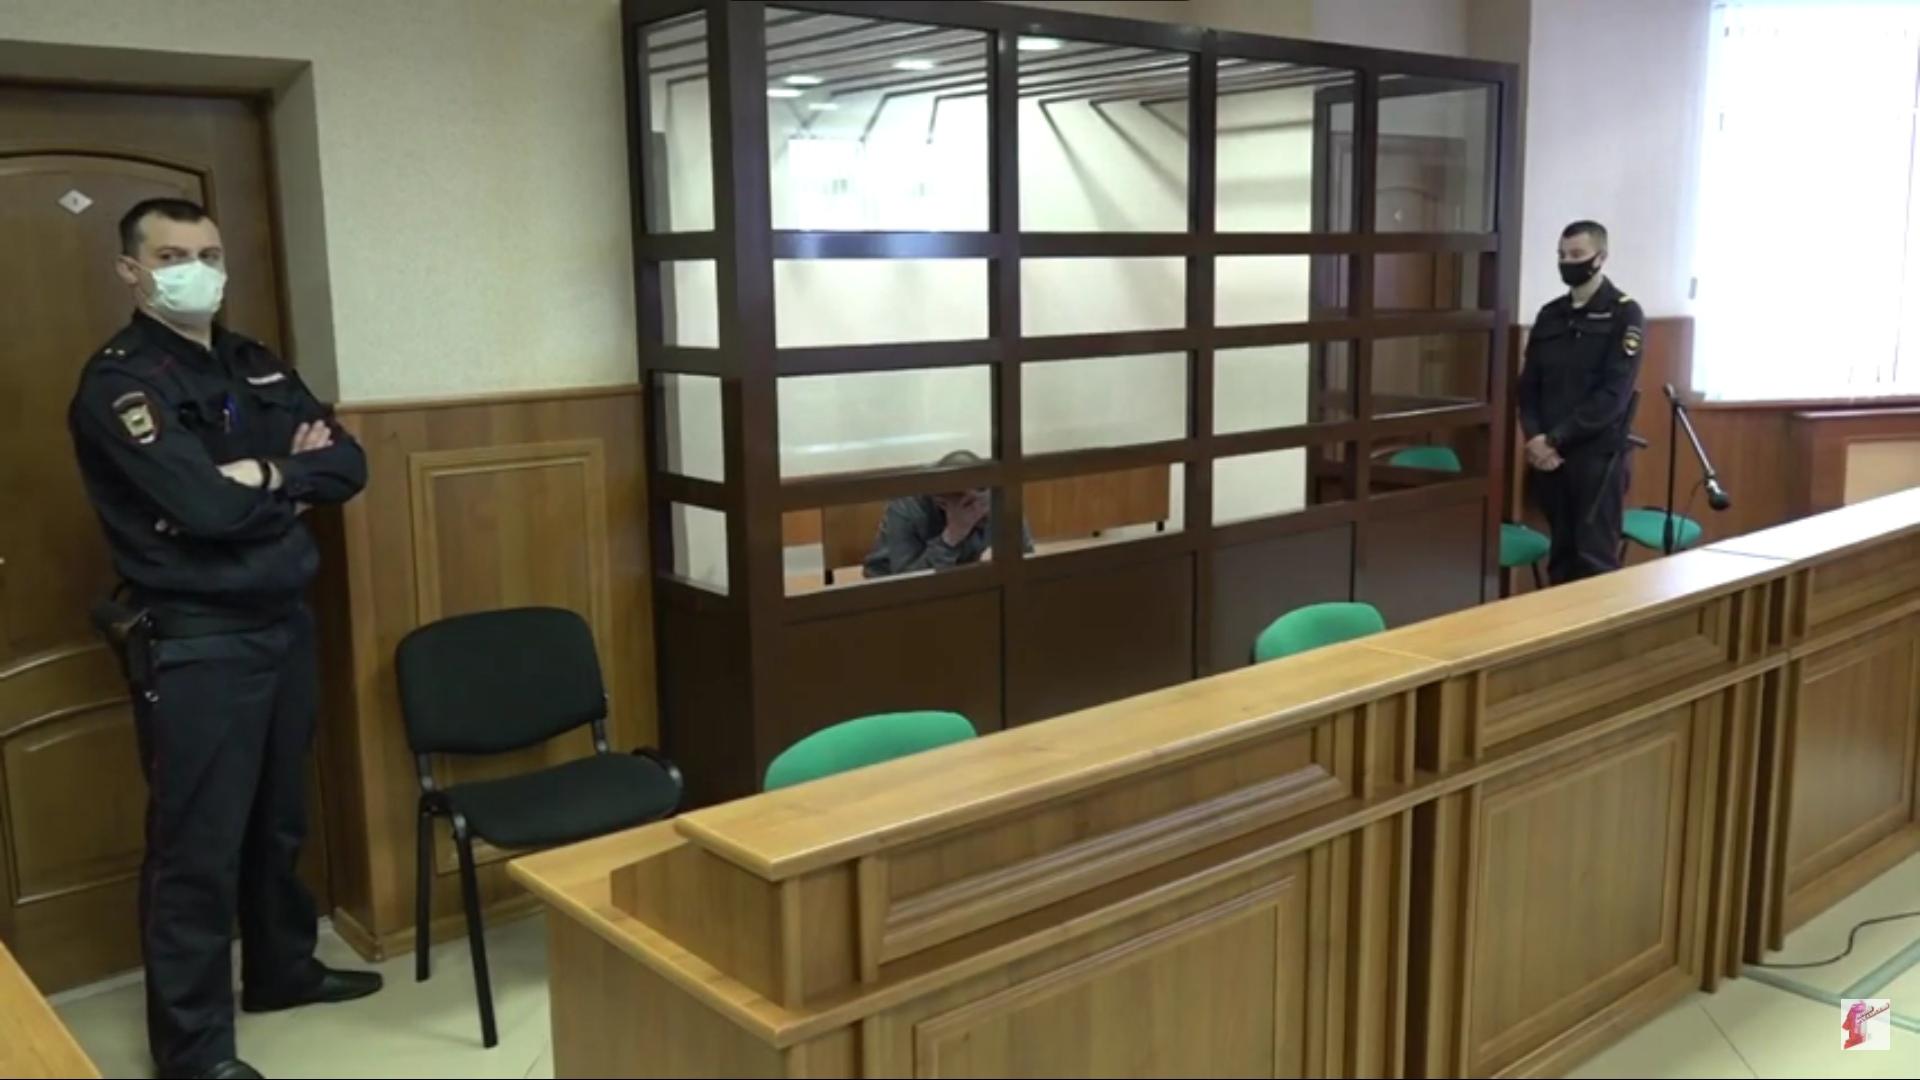 В Ярославле осудили мужчину, который жестоко убил соседку ради 4 тысяч рублей и поджег ее квартиру